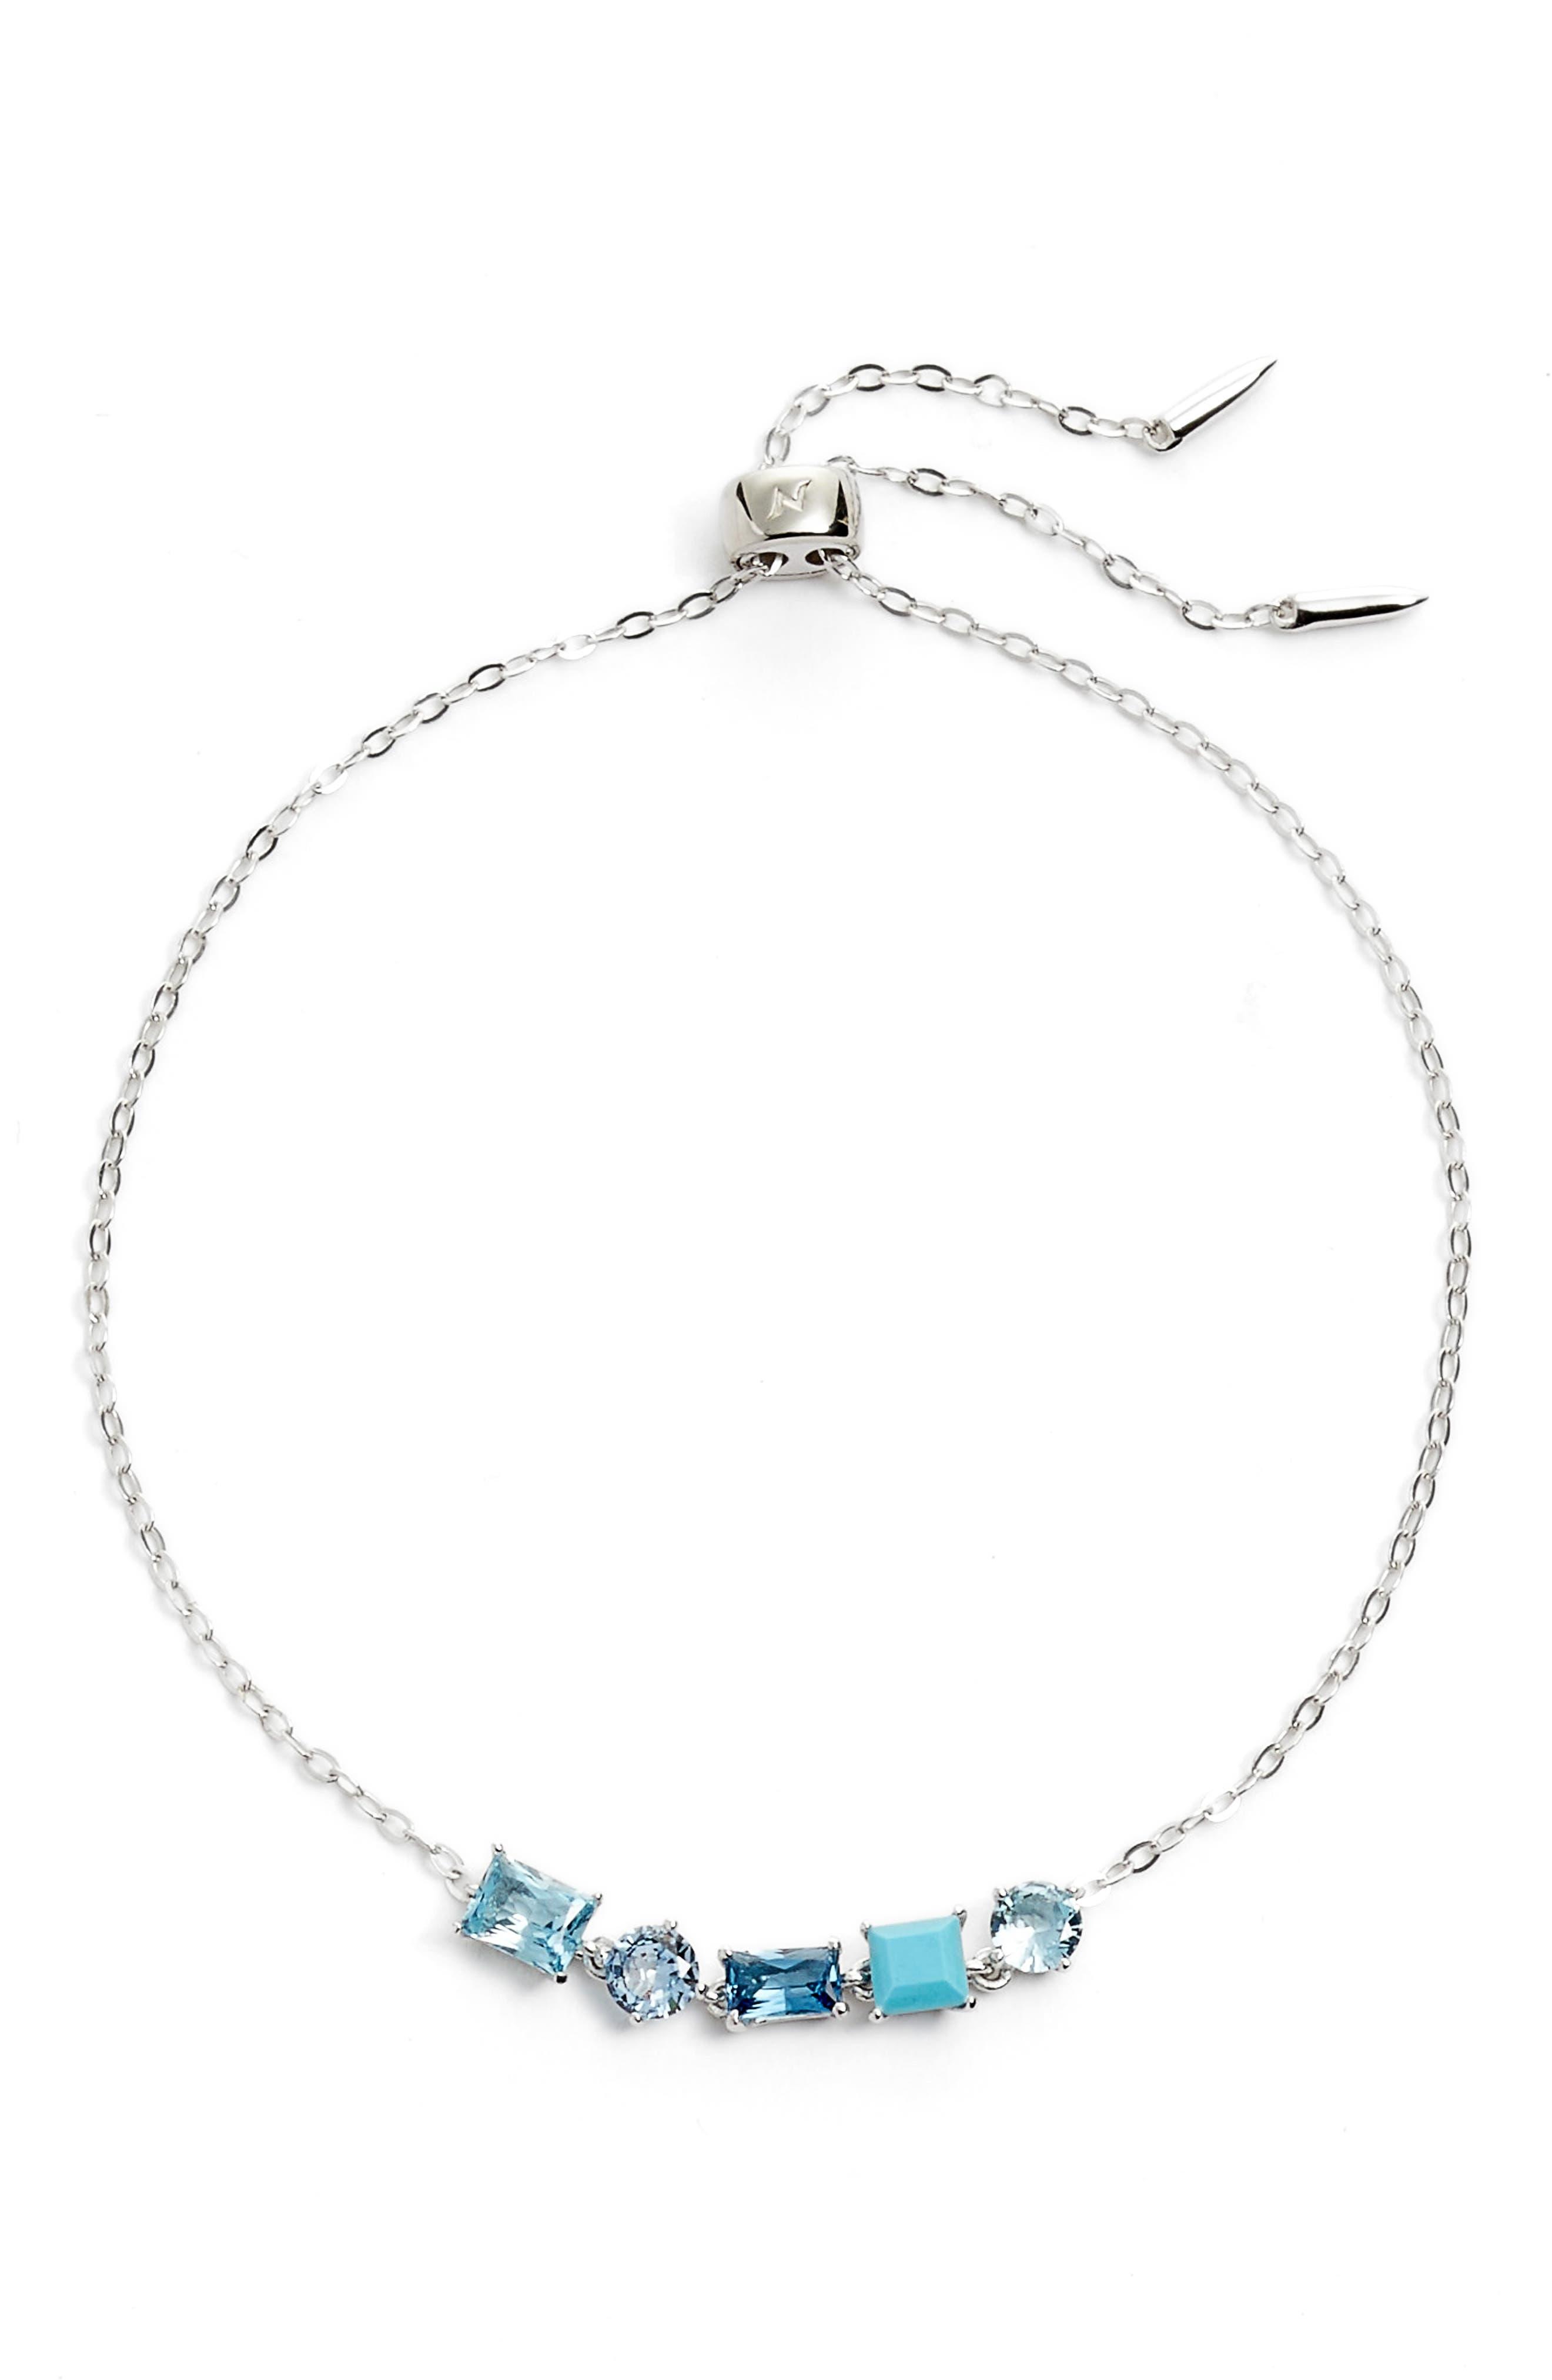 Cubic Zirconia Bracelet,                             Main thumbnail 1, color,                             040